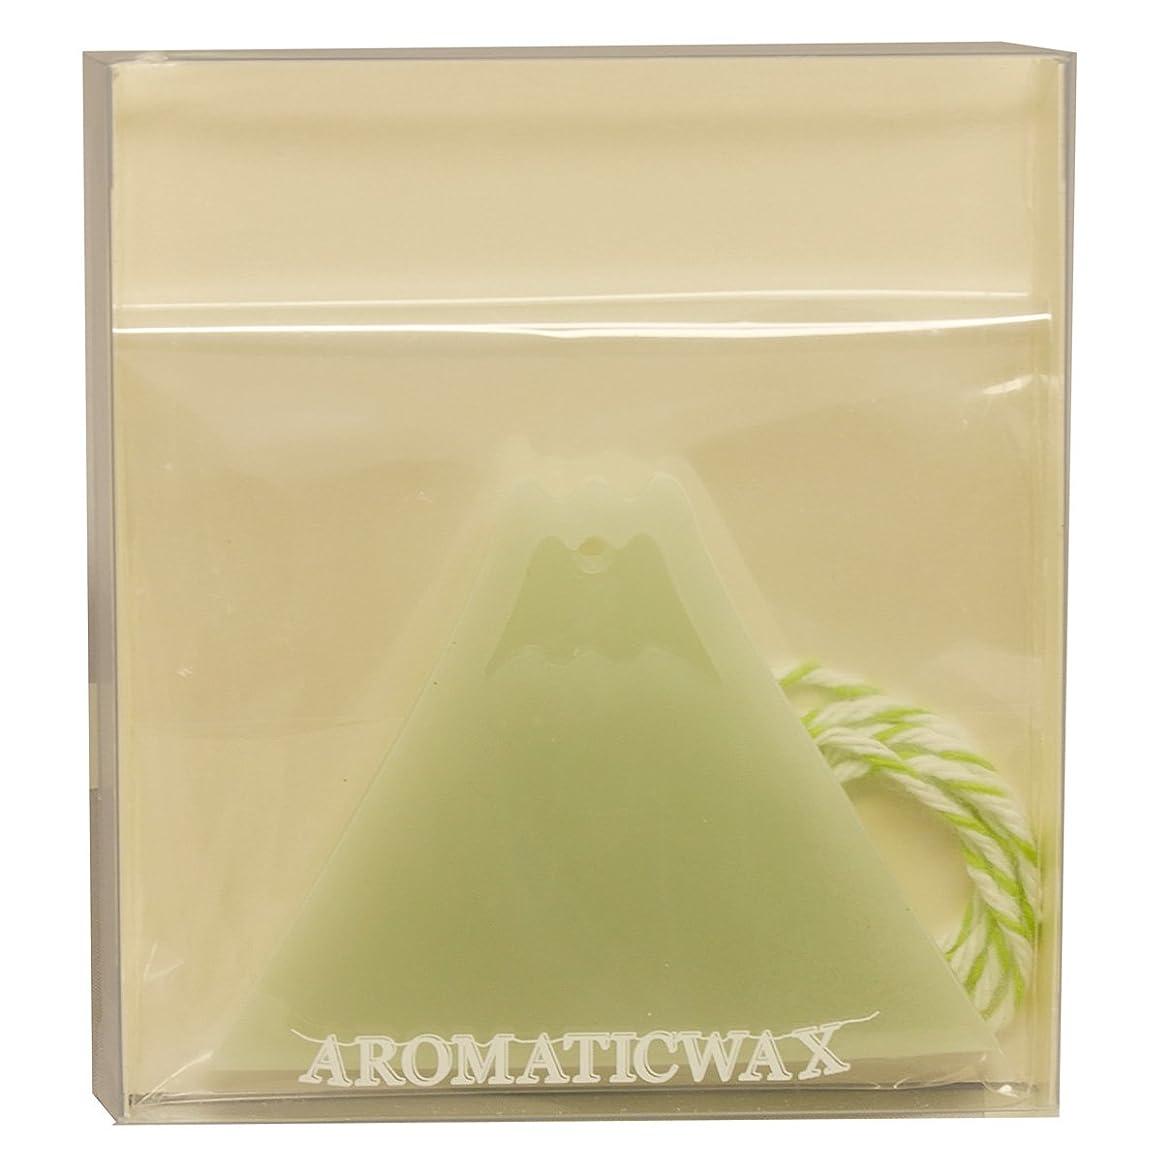 節約する克服する領域GRASSE TOKYO AROMATICWAXチャーム「富士山」(GR) レモングラス アロマティックワックス グラーストウキョウ